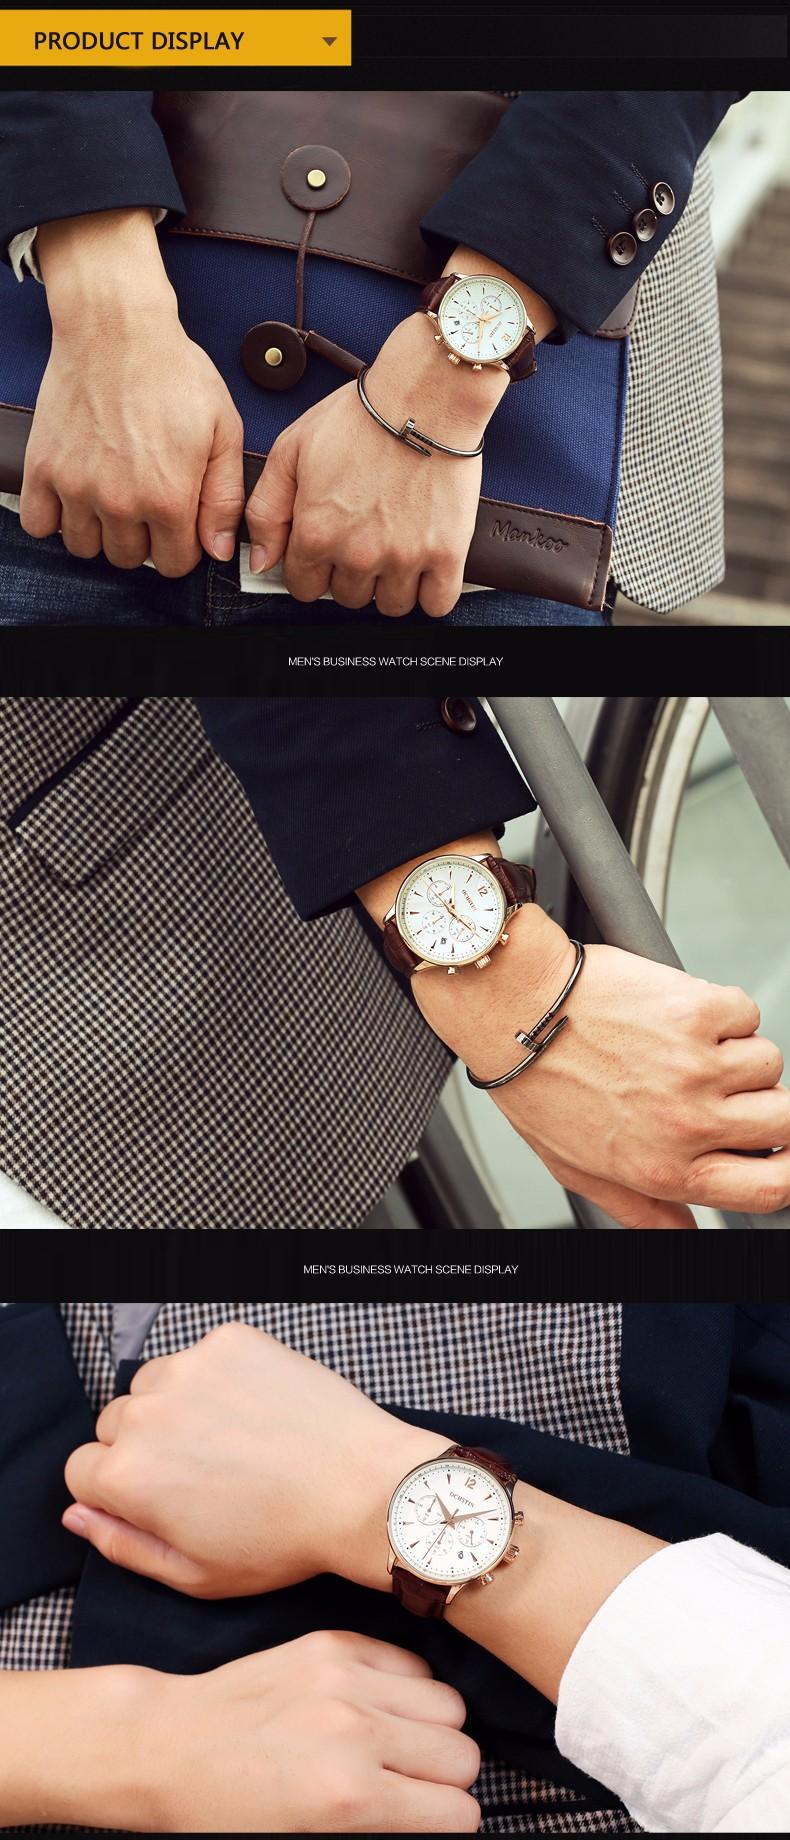 Горячий Стиль Моды для Мужчин Часы 2016 Новое Прибытие Три Натуральная Кожа Starps Многофункциональный Отдых И Бизнес Водонепроницаемые Часы